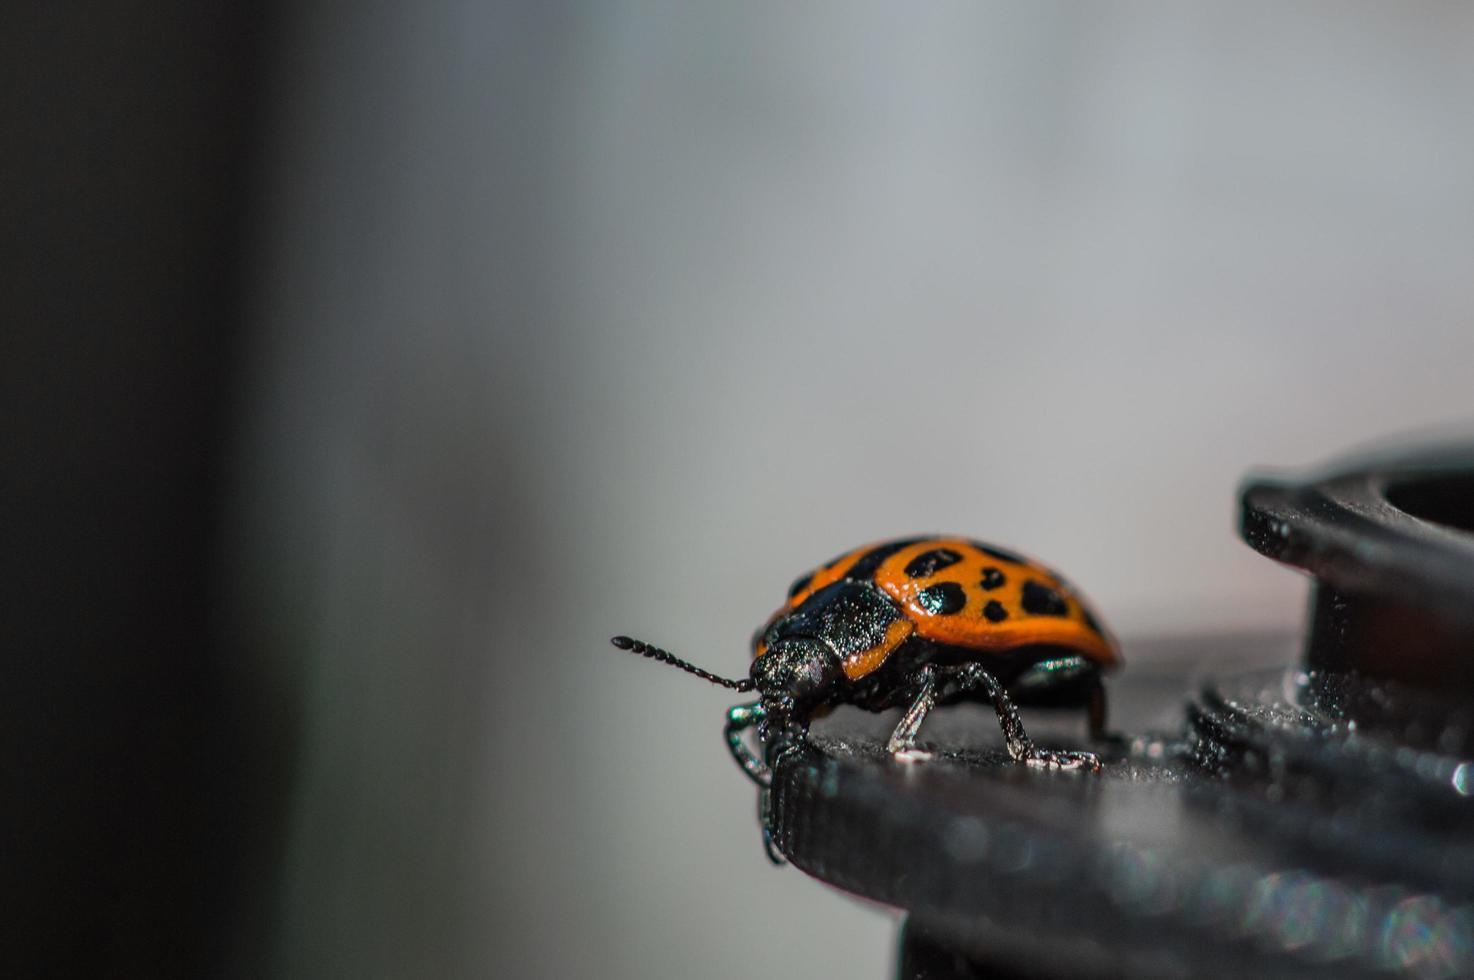 bug avec corps orange et points noirs en macro photo